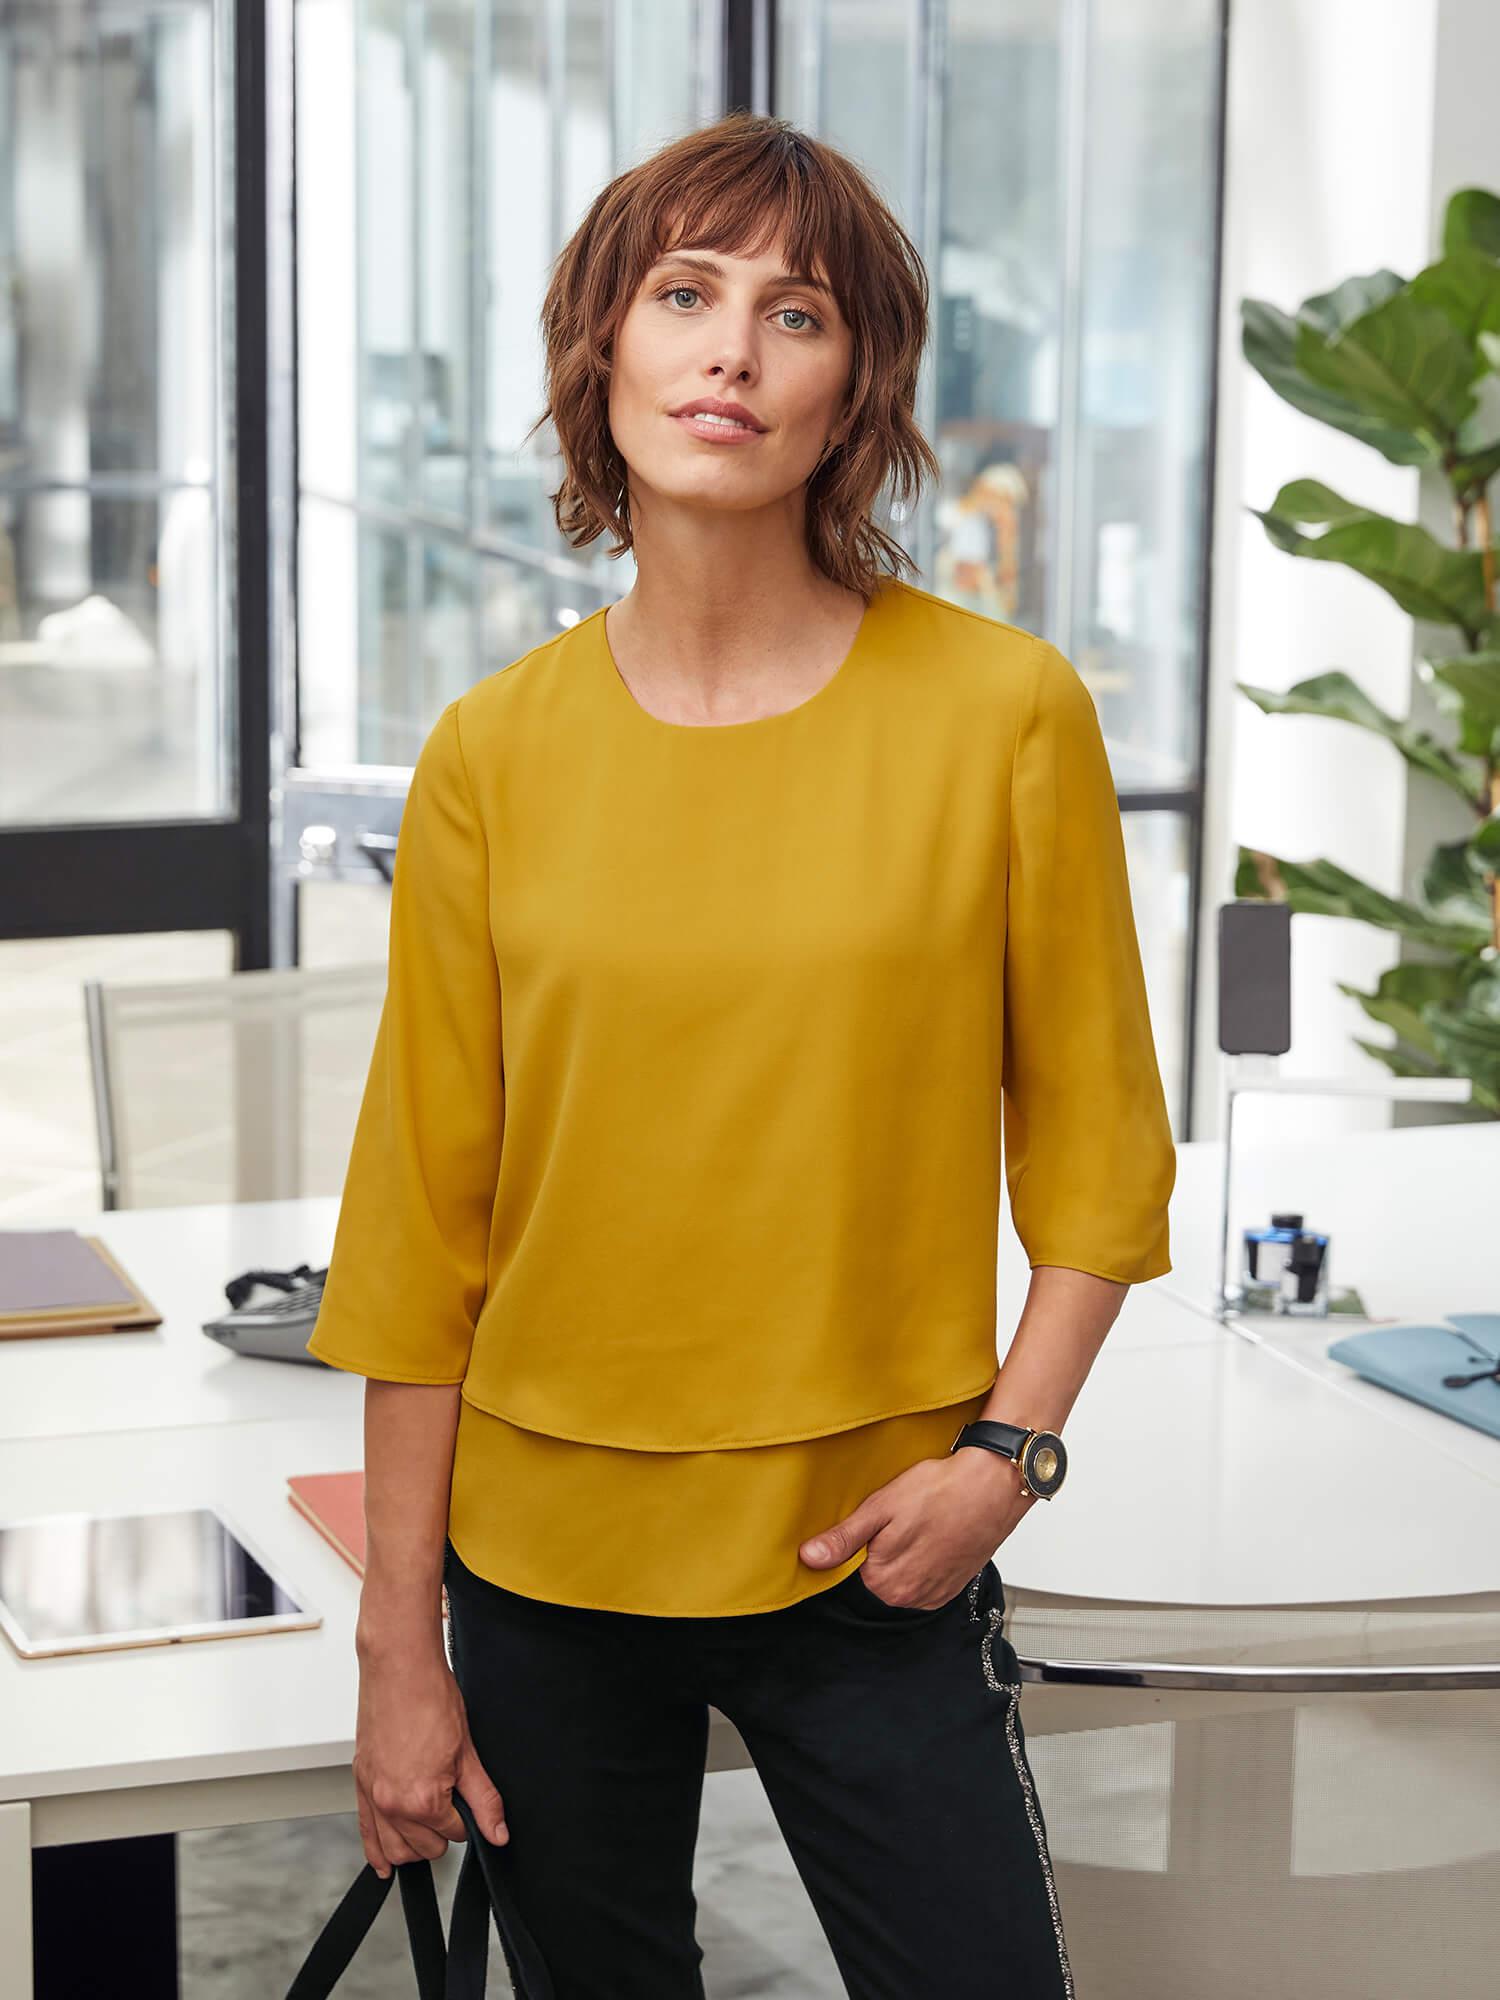 Frau mit gelber Bluse.